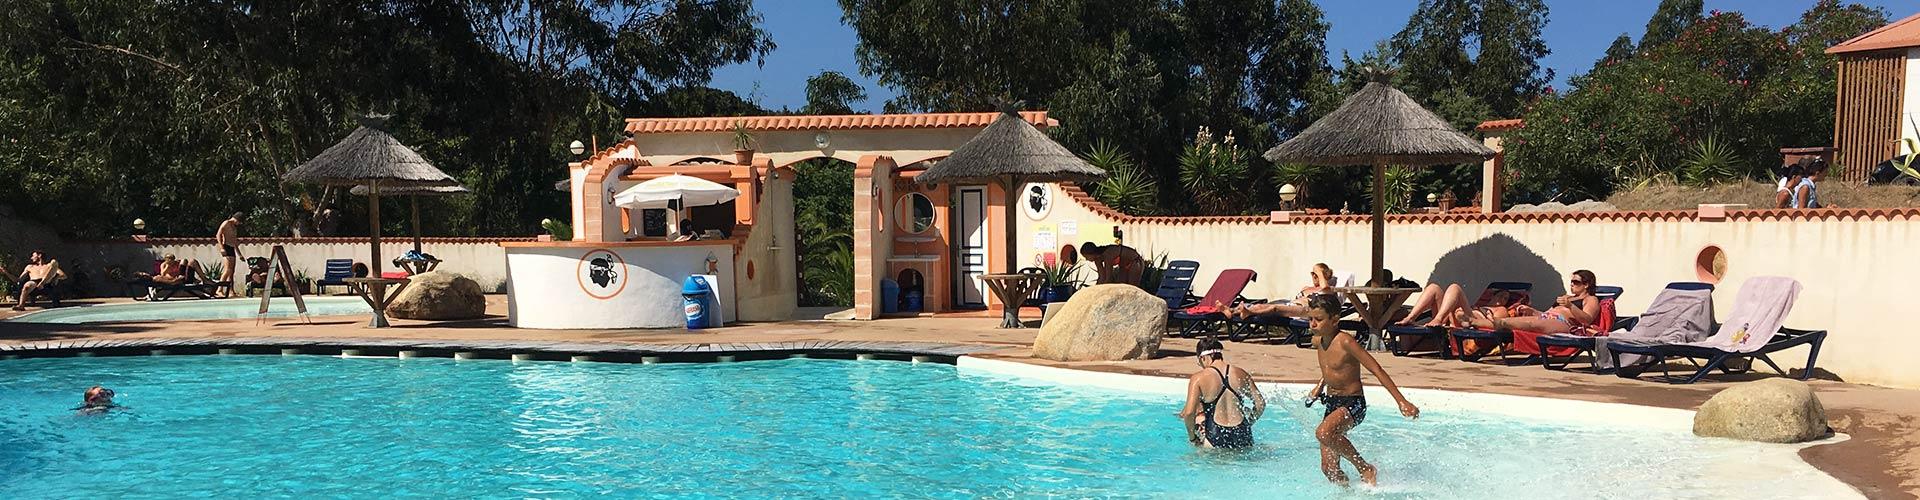 Camping tikiti propriano en corse du sud camping 3 for Camping avec piscine corse du sud